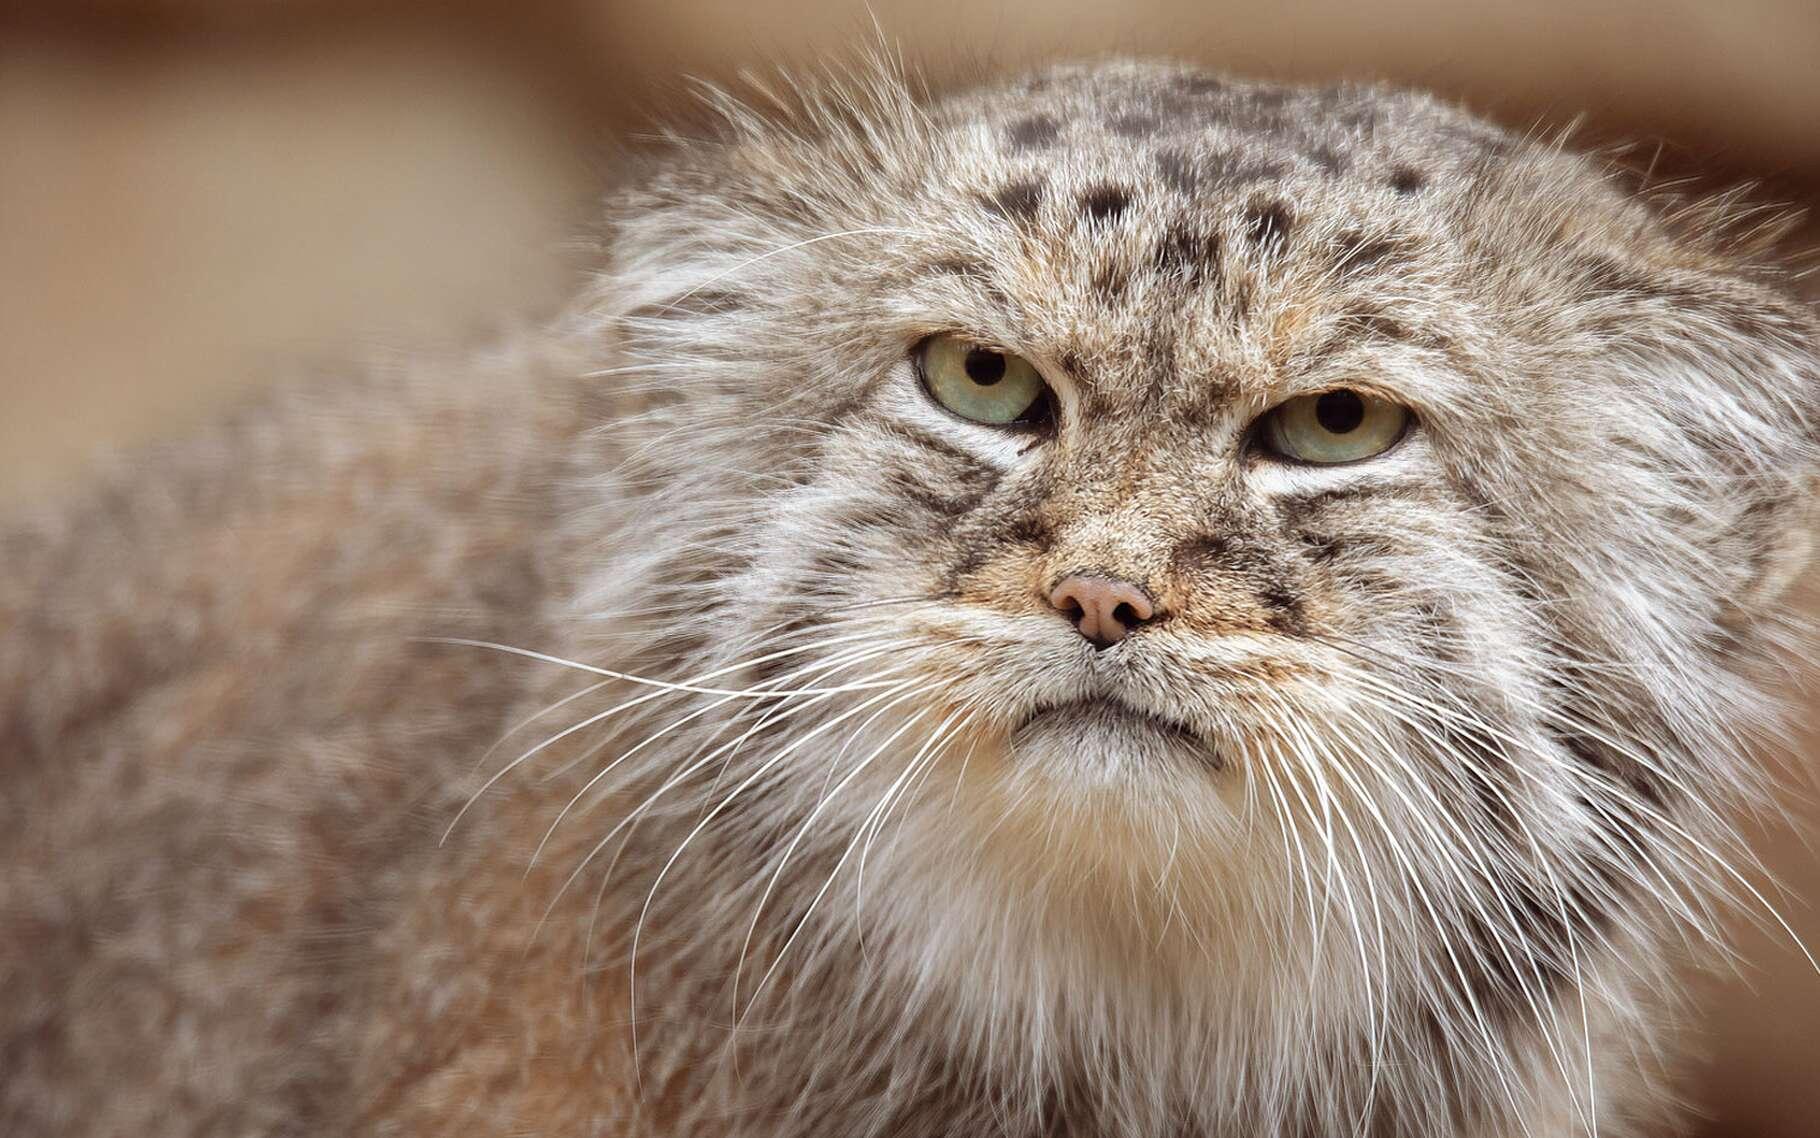 Le manul est la seule espèce du genre Otocolobus. Ce petit félin, entre 50 et 65 cm, loge dans les steppes d'Asie centrale. Il survit jusqu'à -50 °C ! Par la localisation de son habitat, sa fourrure est longue et épaisse. Il ne pèse que de 2,5 à 4,5 kilos. Plutôt roux dans le sud de son aire de répartition, il est davantage gris au nord. On estime sa longévité à quelque 11,5 ans. Principalement actif au crépuscule, il chasse de petits mammifères tout en se protégeant des prédateurs. Sa petite taille le rendant vulnérable.Après une grossesse de 66 à 74 jours, la femelle donne naissance à des portées de trois à quatre chatons en moyenne. Sa tanière se cache dans une grotte ou une cavité quelconque. Ses petits sont protégés par un duvet jusqu'à leur deuxième mois, et quittent les pattes de leur mère à huit mois. Il est surnommé le chat de Pallas.© ArtushFoto